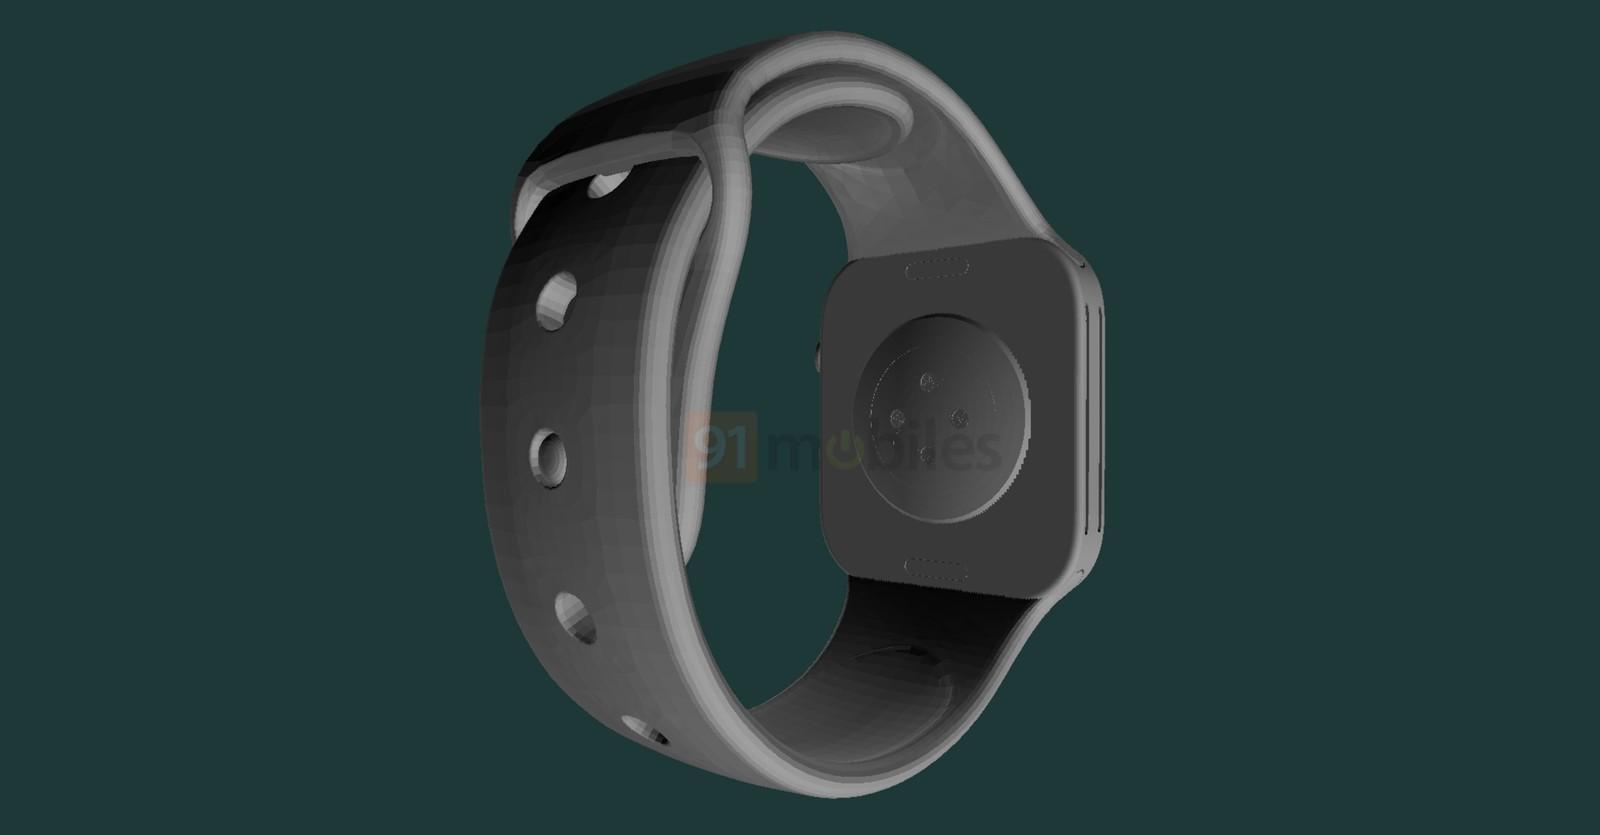 Apple Watch Series 7 render2